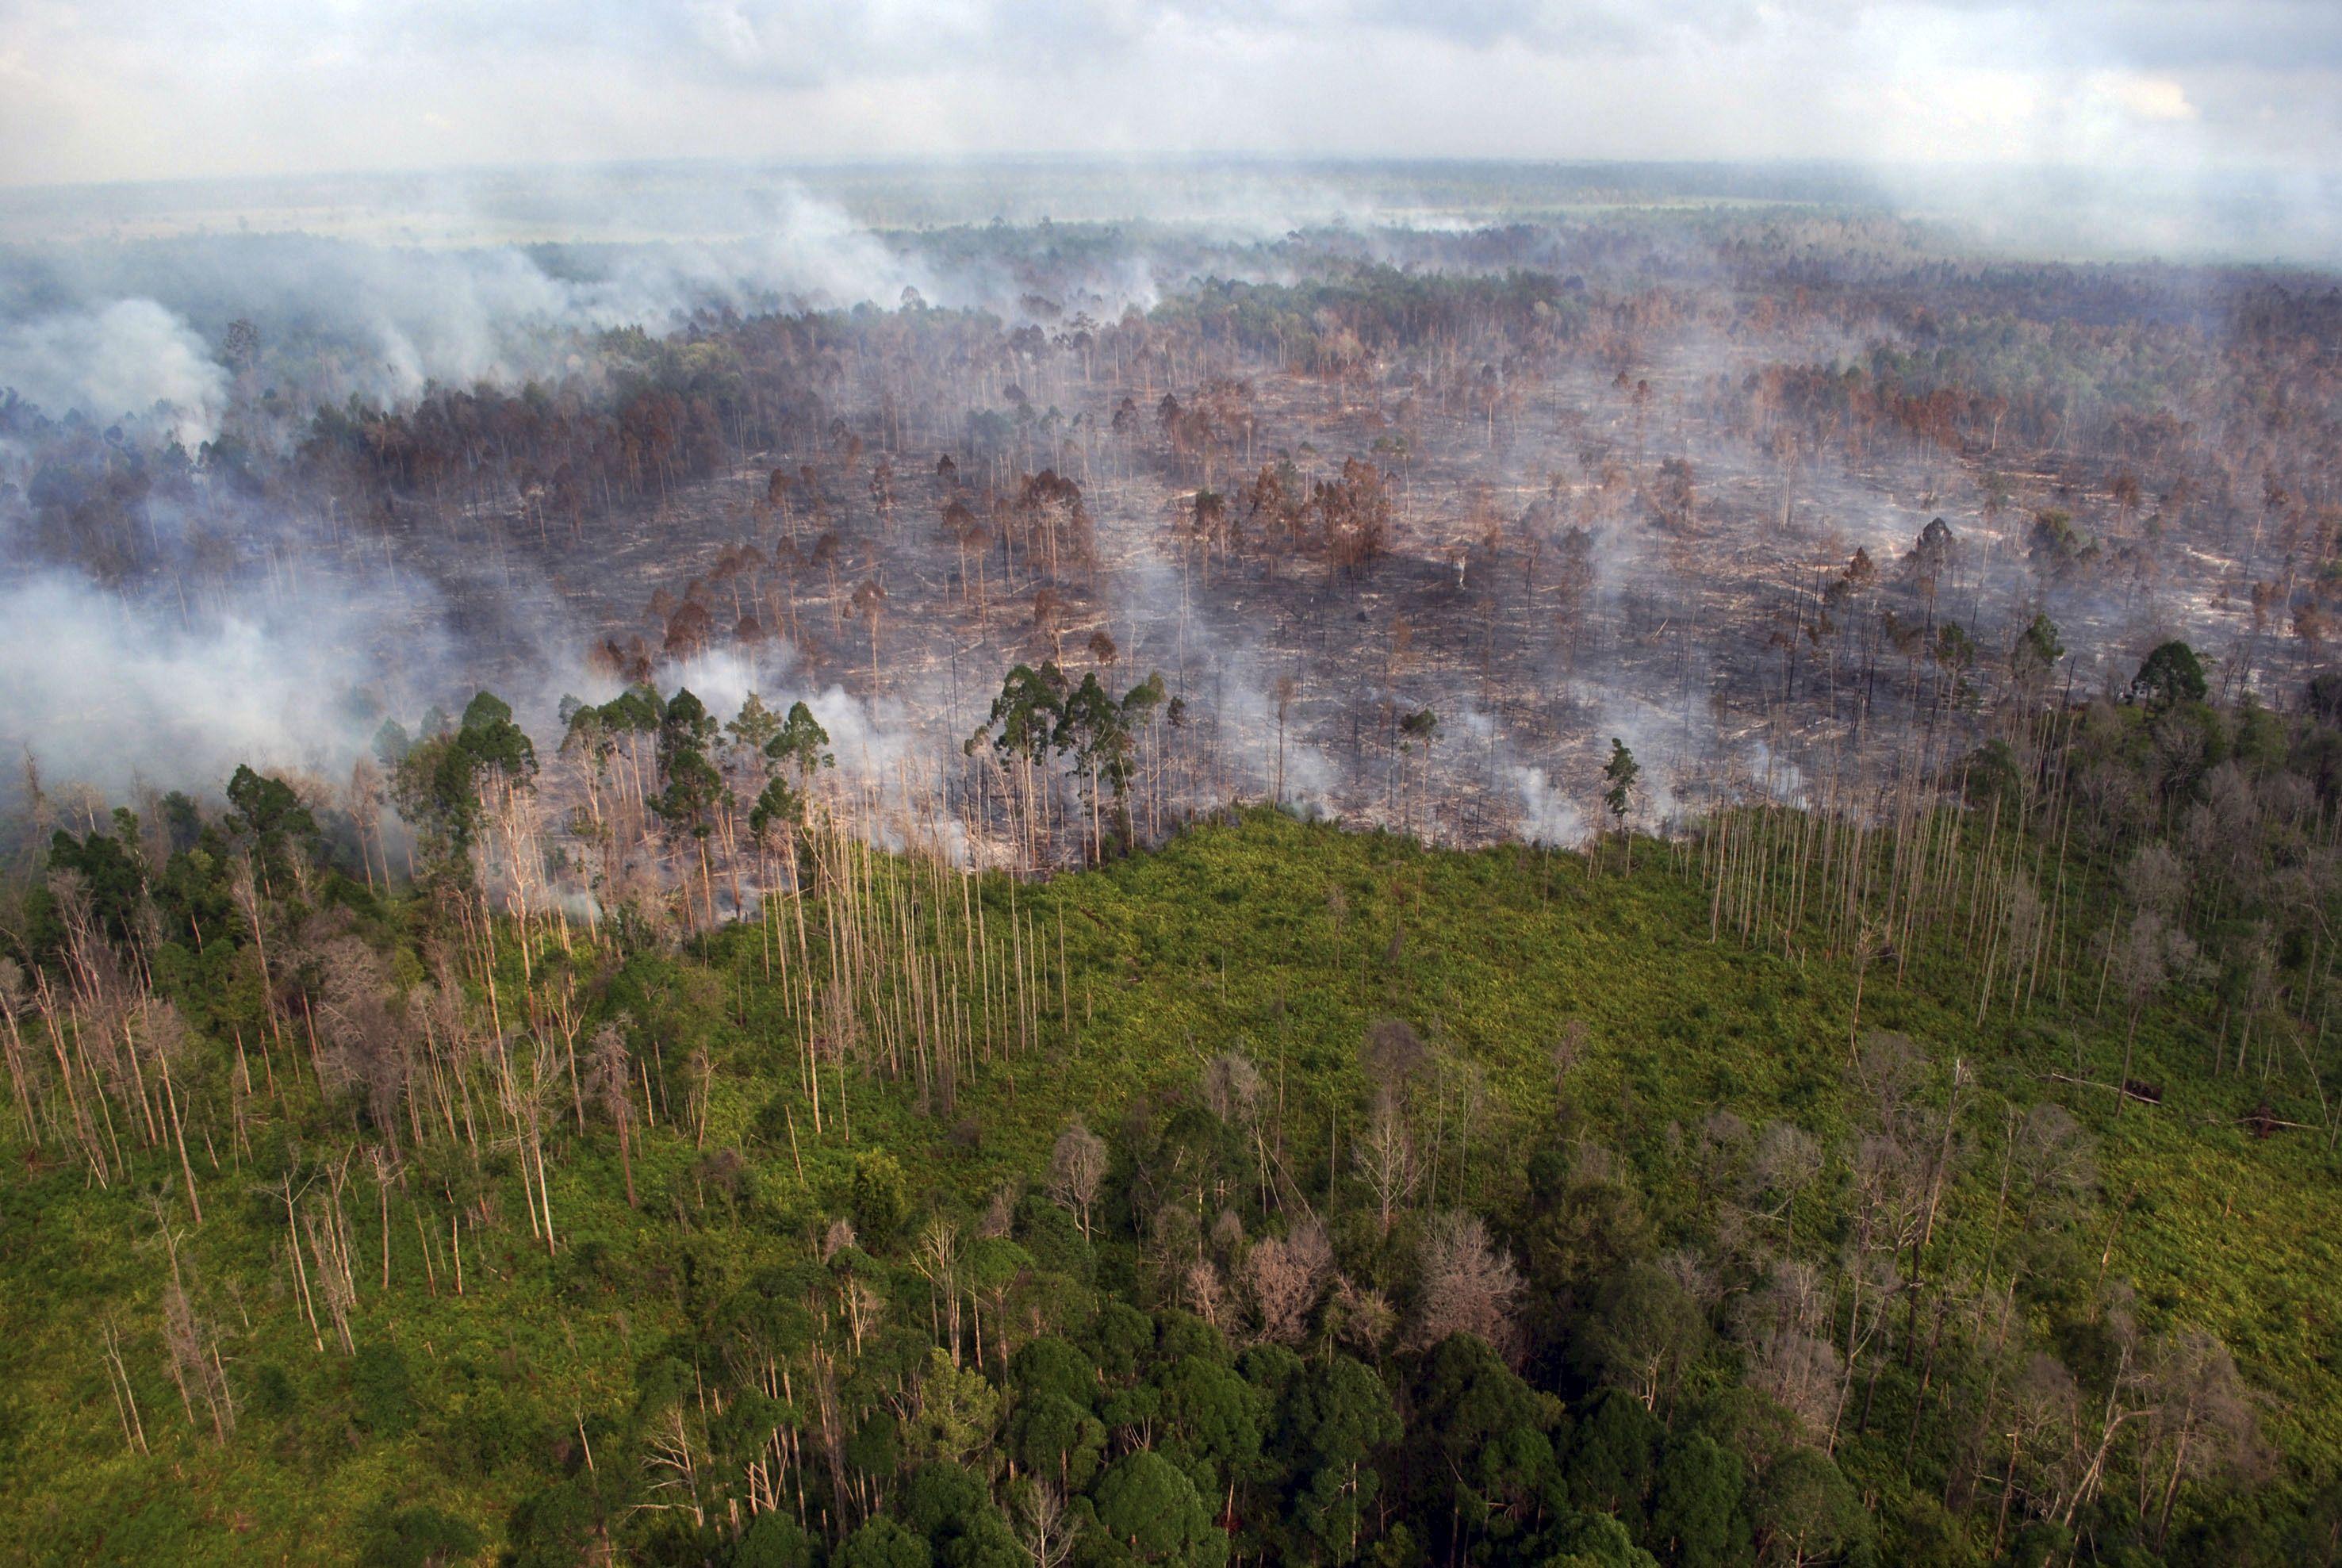 Étude : la pollution aurait tué 100 000 personnes en Indonésie en un an